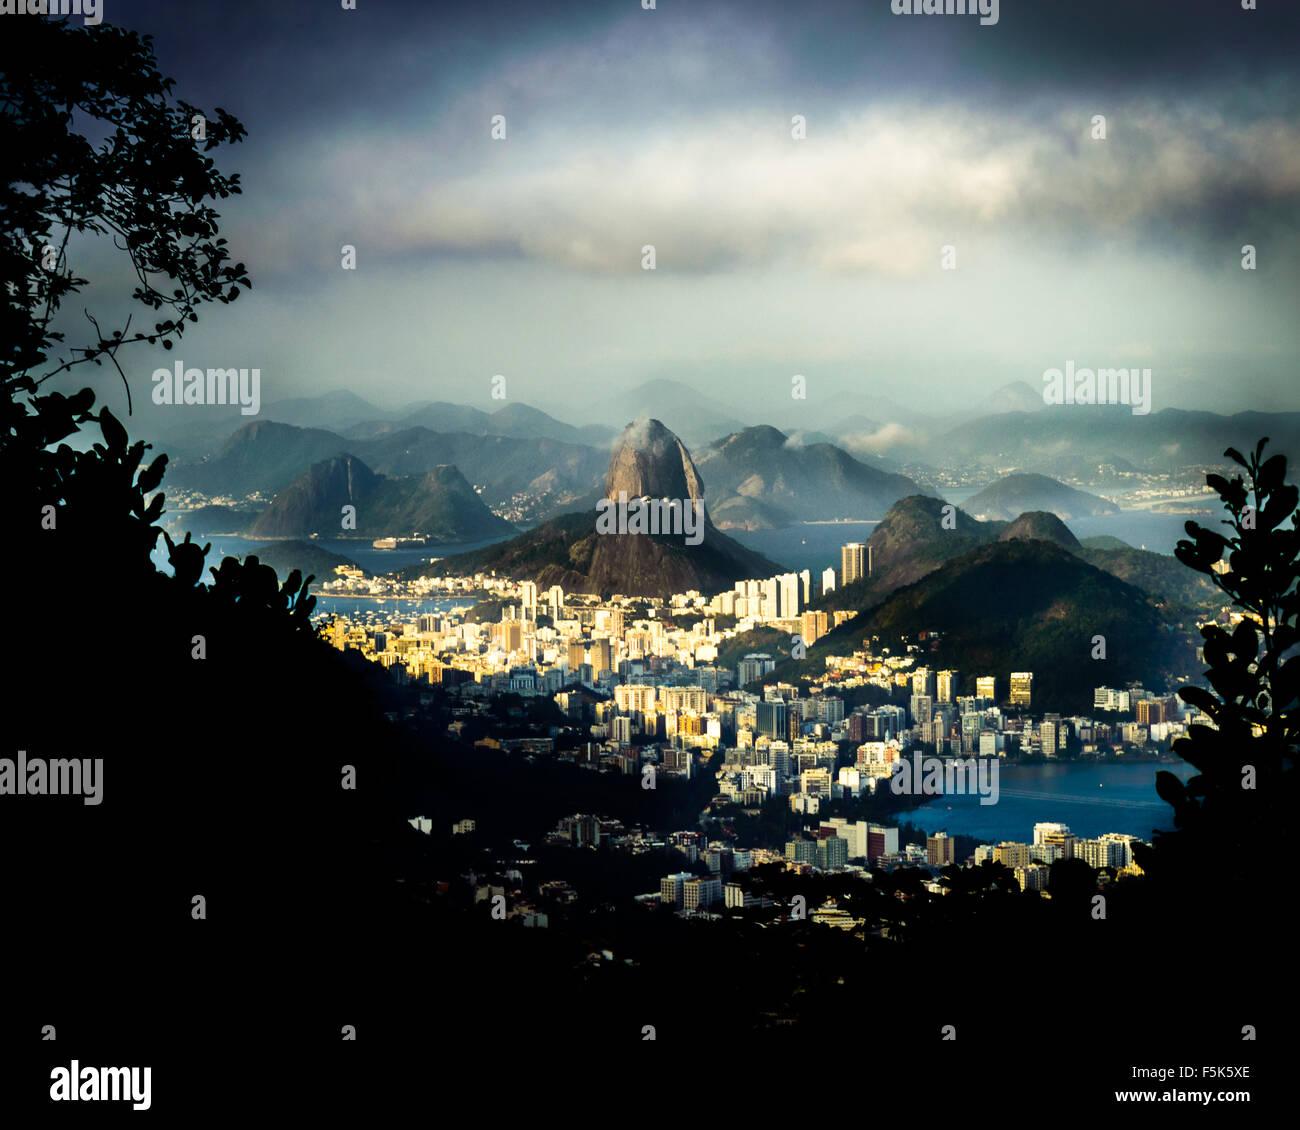 Pao de Acucar (Sugar loaf) Mountain in Rio de Janeiro, Brazil Stock Photo